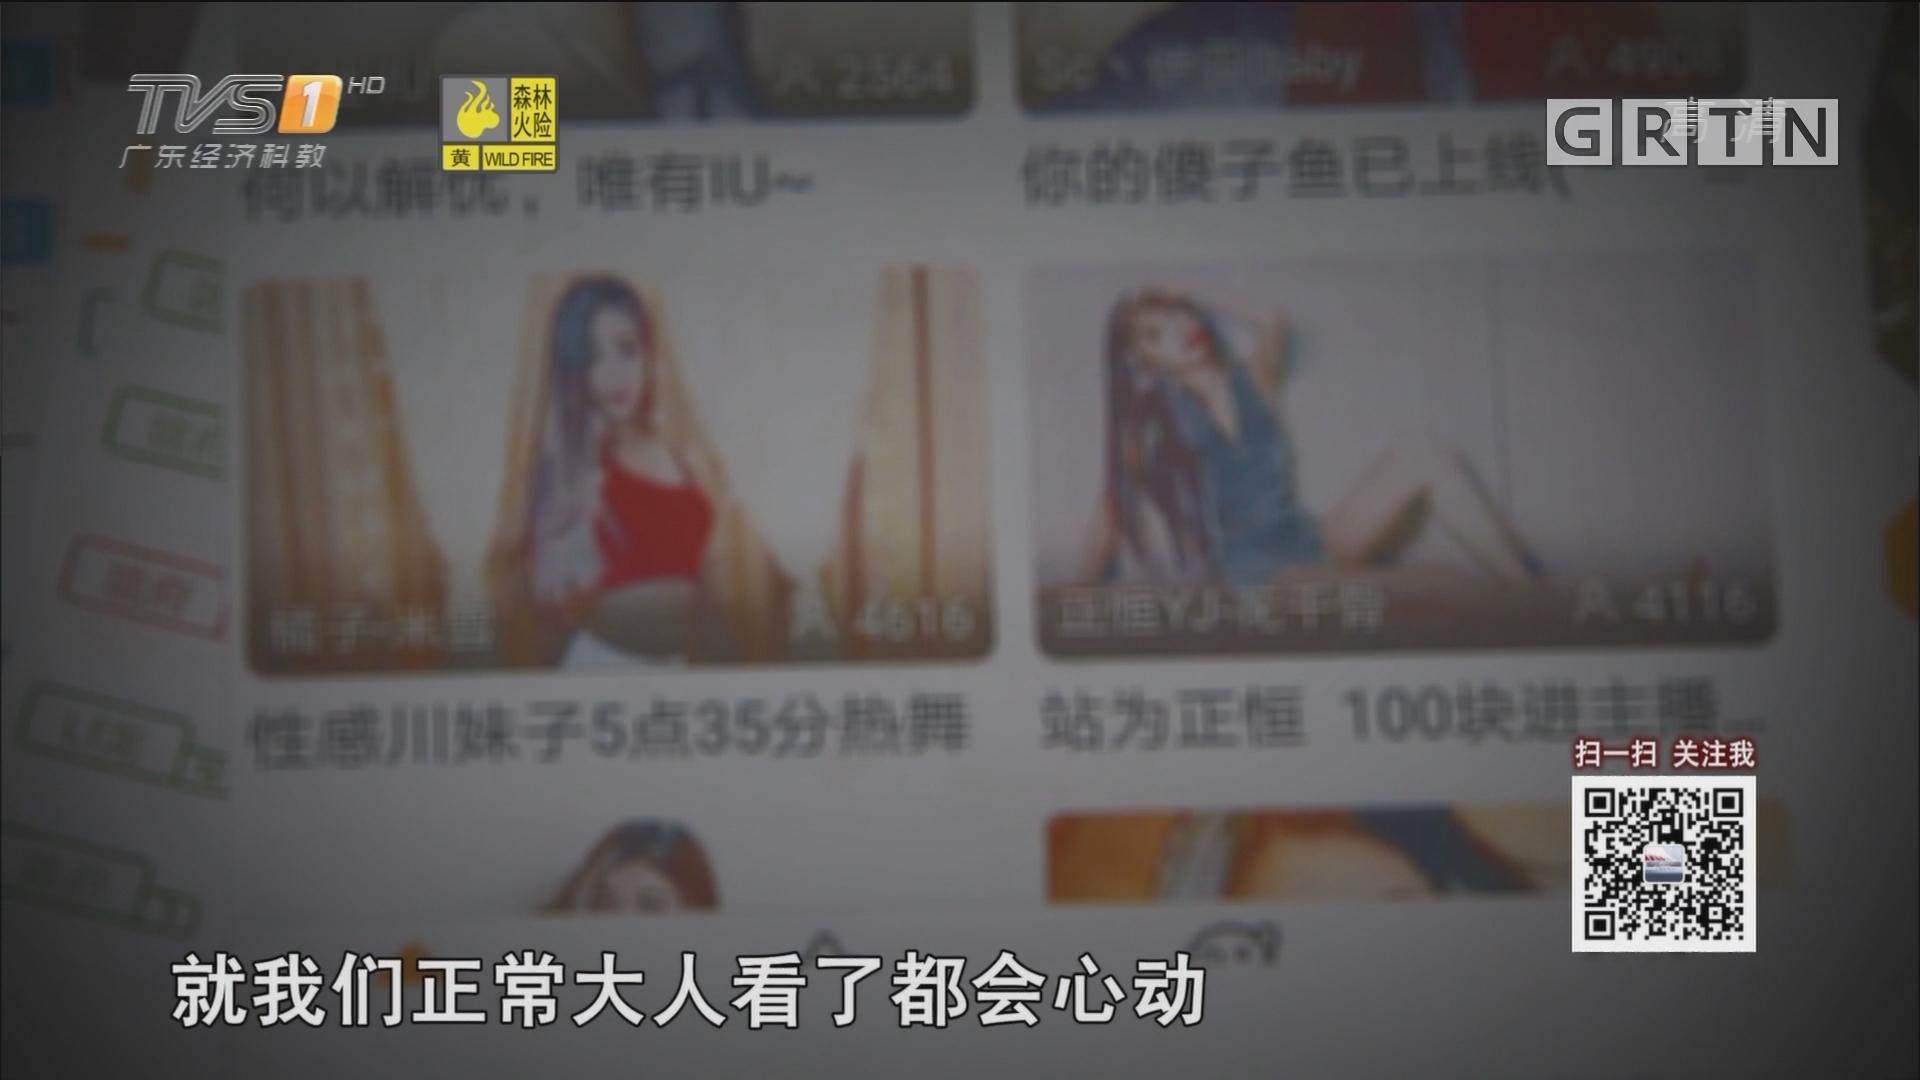 新闻追踪:未成年人巨额打赏网络主播乱象(1)